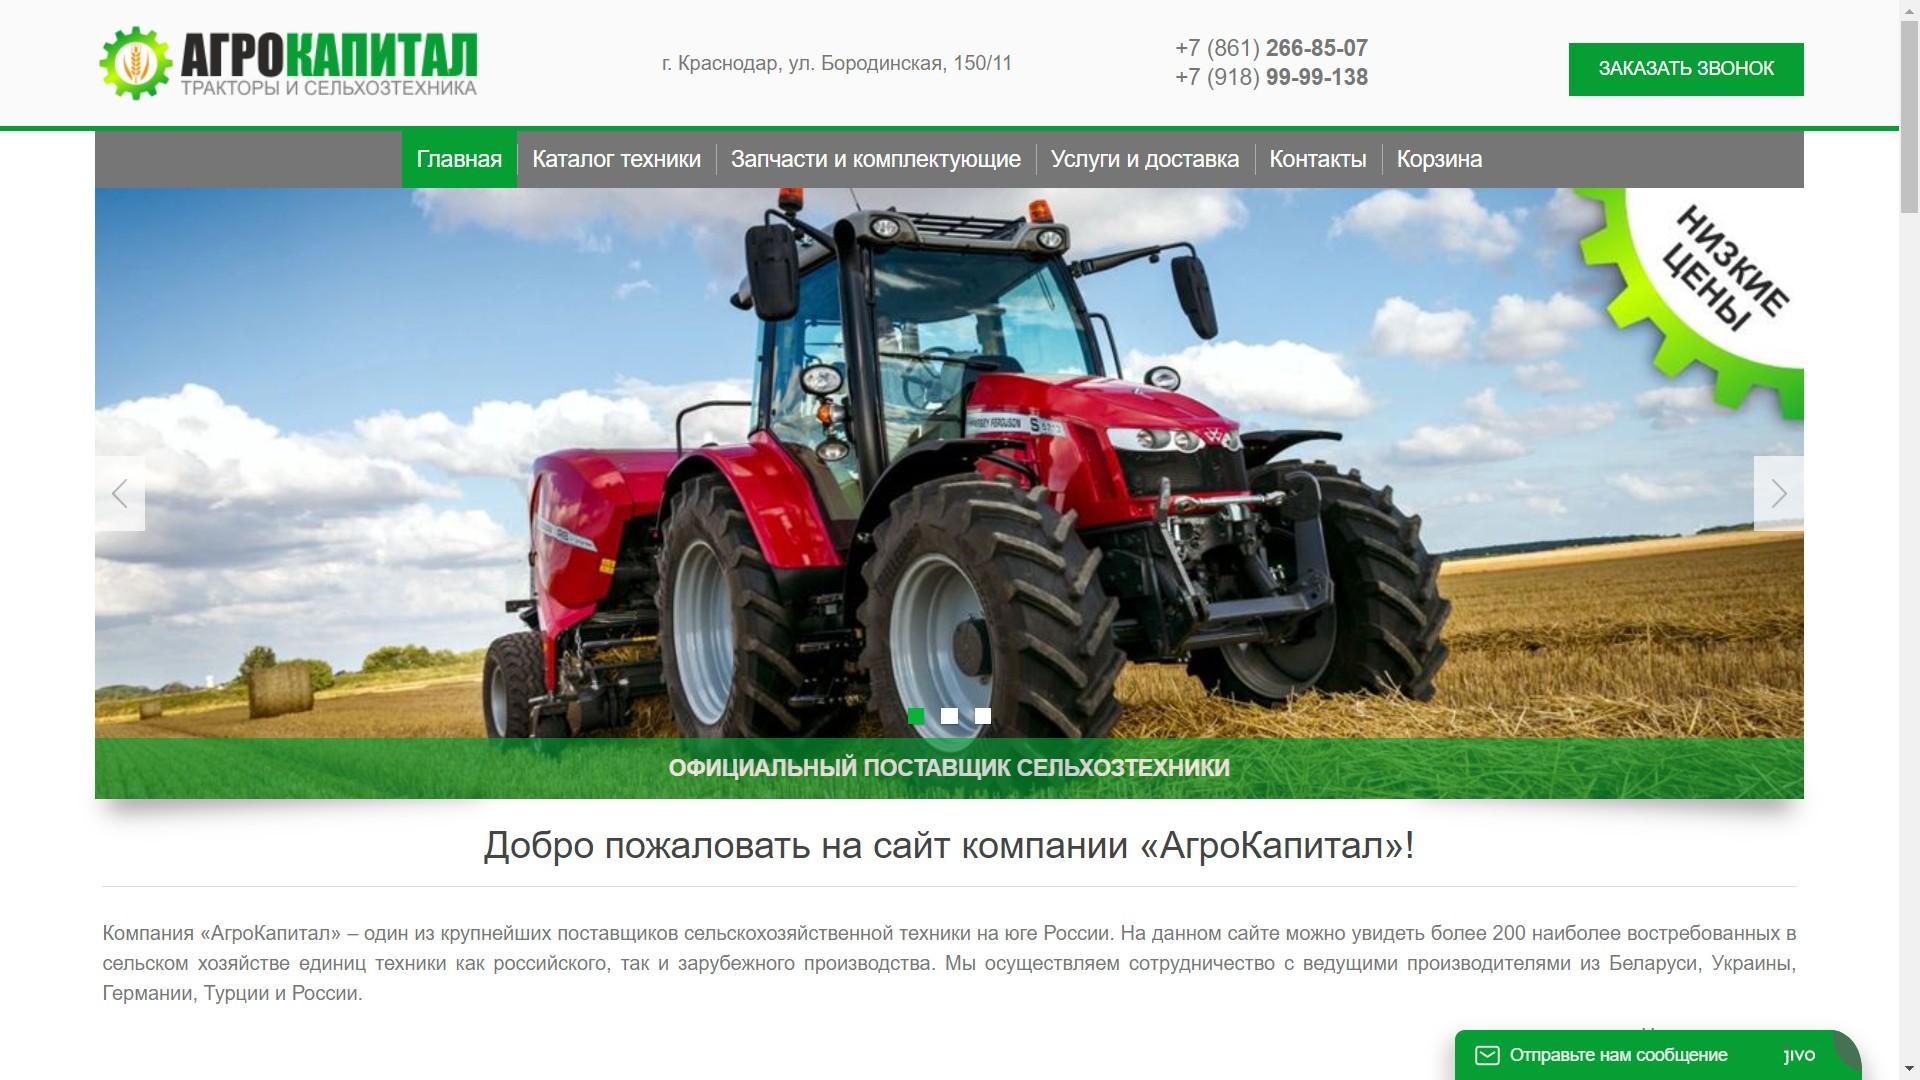 Раскрутка сайта с гарантией 1-й Сельскохозяйственный проезд что написать в создании сайта